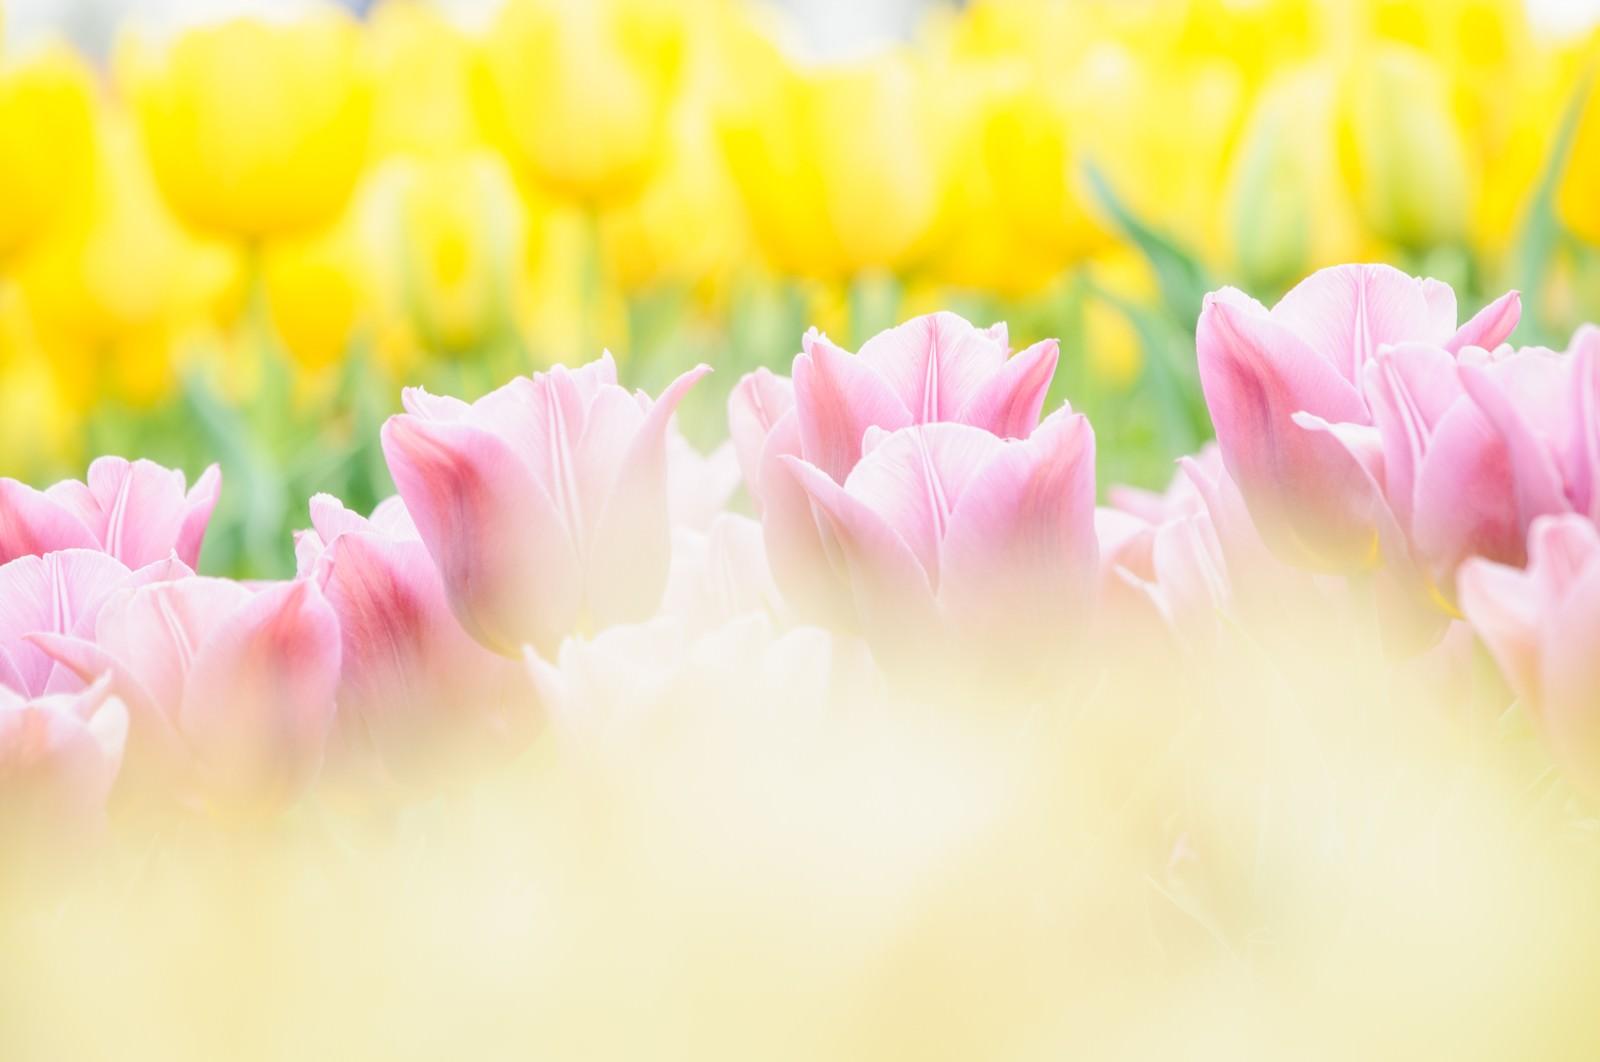 「春の光(チューリップ )」の写真